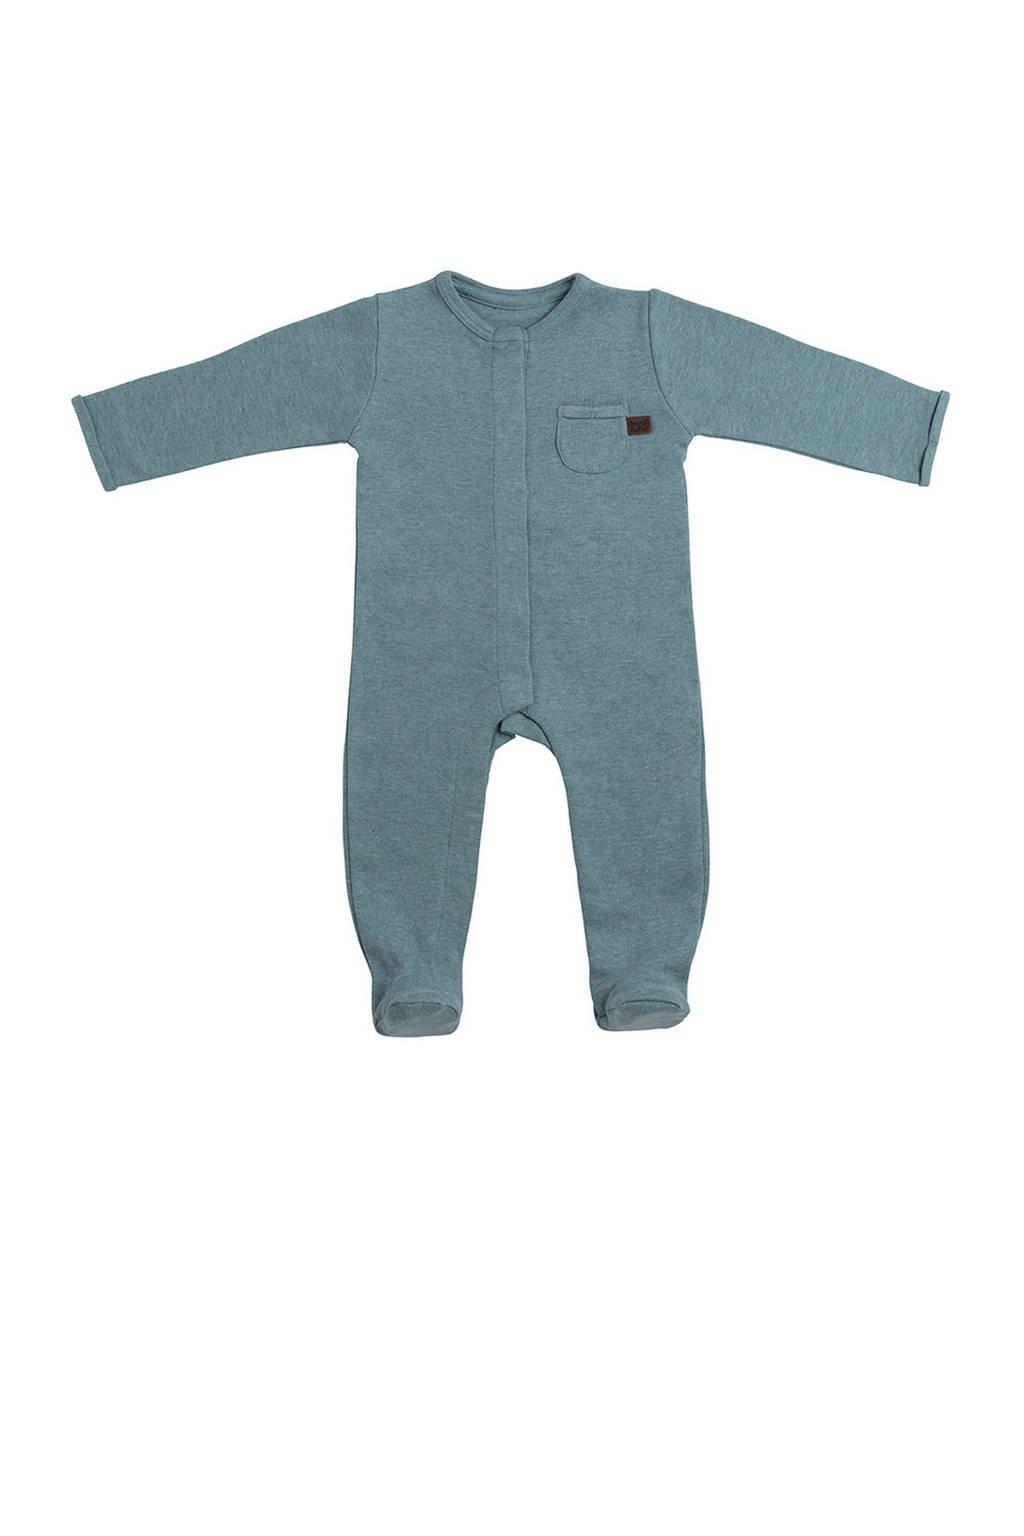 Baby's Only boxpak grijsgroen, Grijsgroen